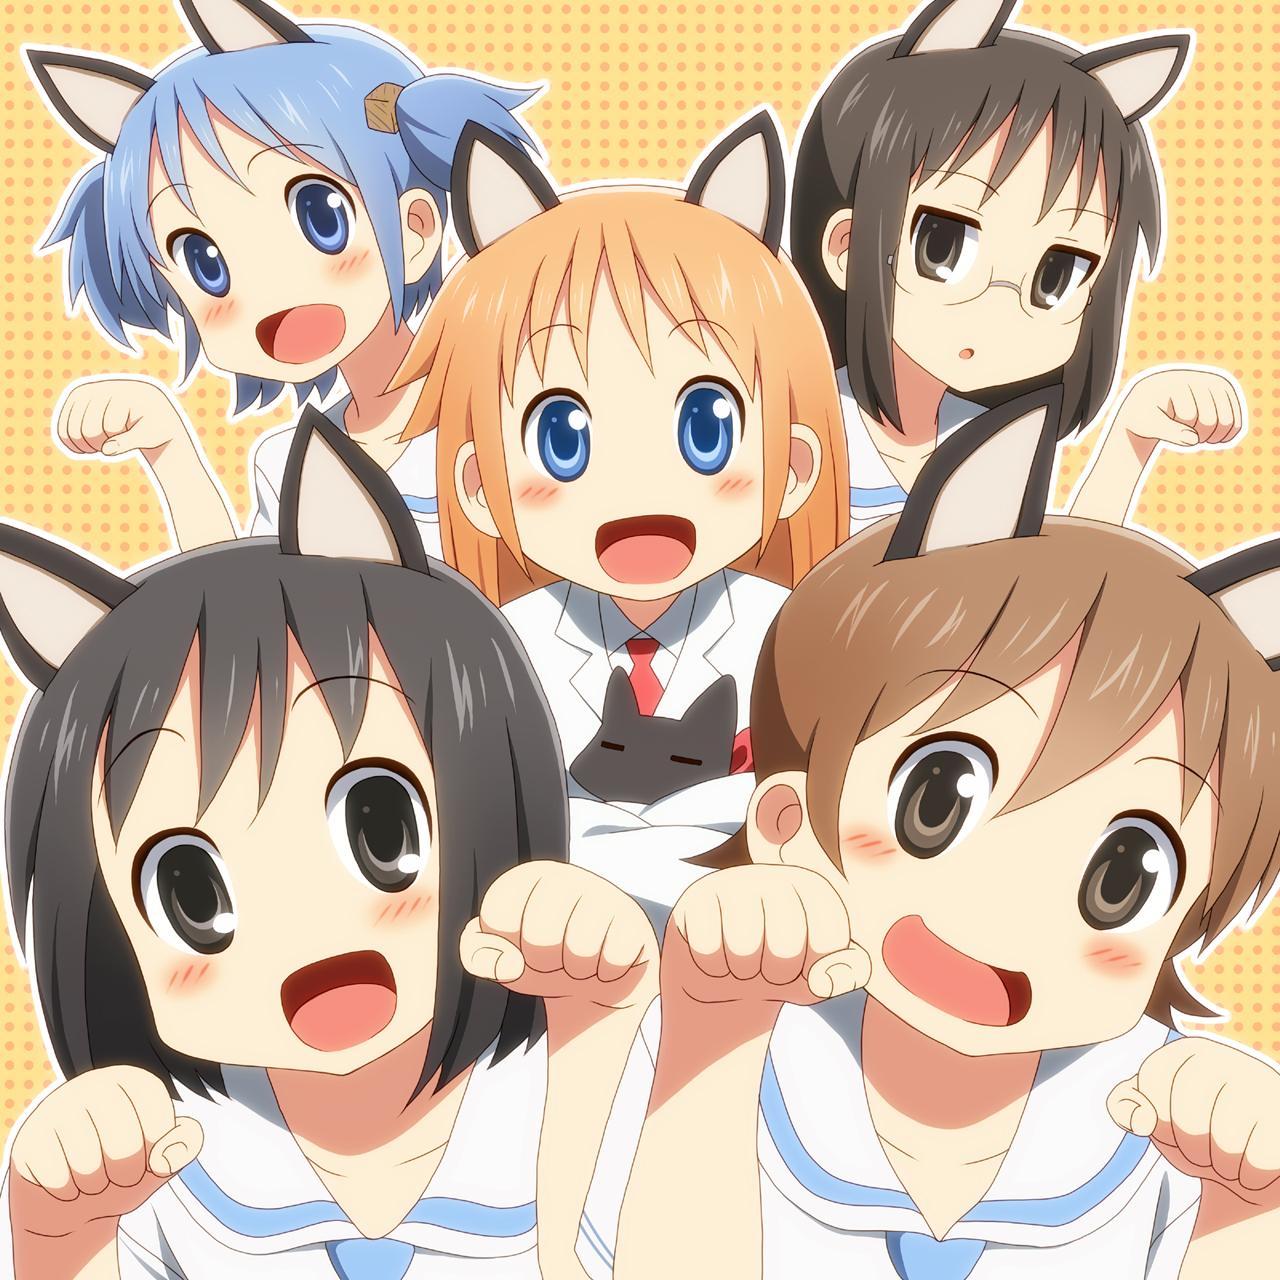 Tags: Lacosoregashi, Nichijou, Naganohara Mio, Shinonome Hakase, Aioi Yuuko, Minakami Mai, Shinonome Nano, Sakamoto (Nichijou)